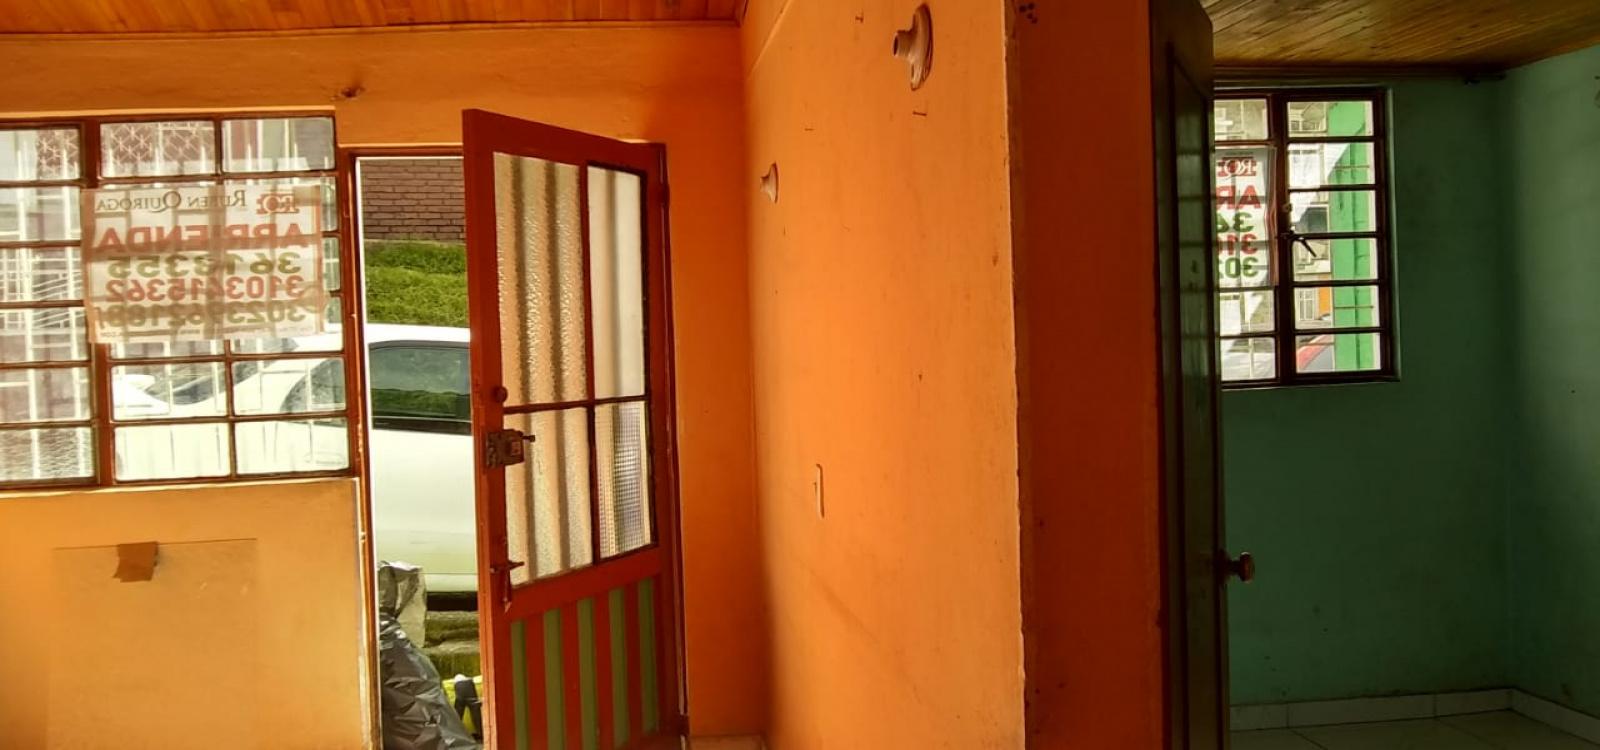 7 A- 08 ESTE 3A, Bogotá, Sur, 2 Habitaciones Habitaciones,1 BañoBathrooms,Casas,Arriendo,3A,3121